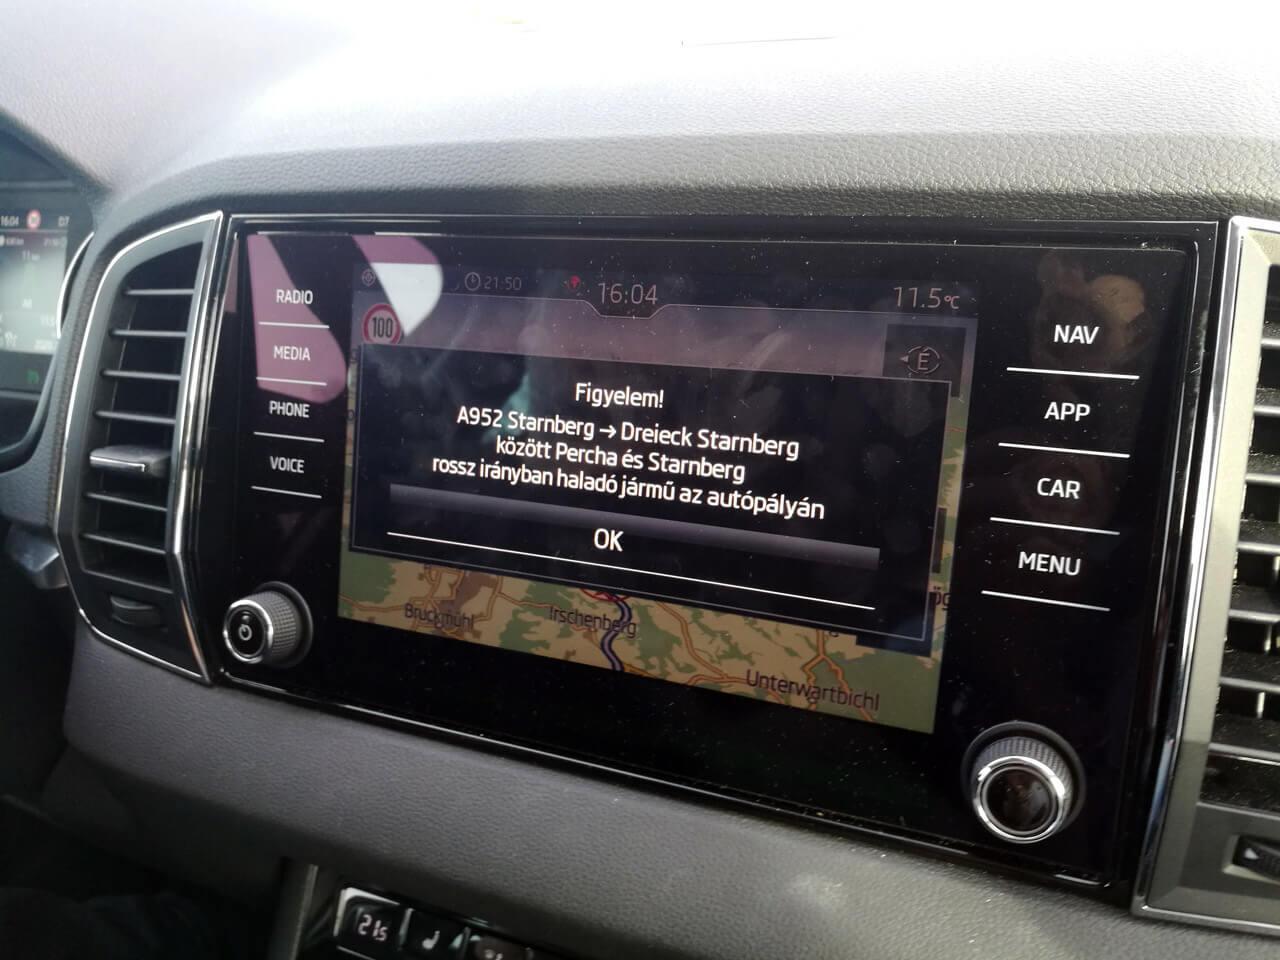 Eddig a rádióadók segítségére támaszkodhattak a ŠKODA tulajdonosok is, de mostantól az integrált applikáció is segít majd